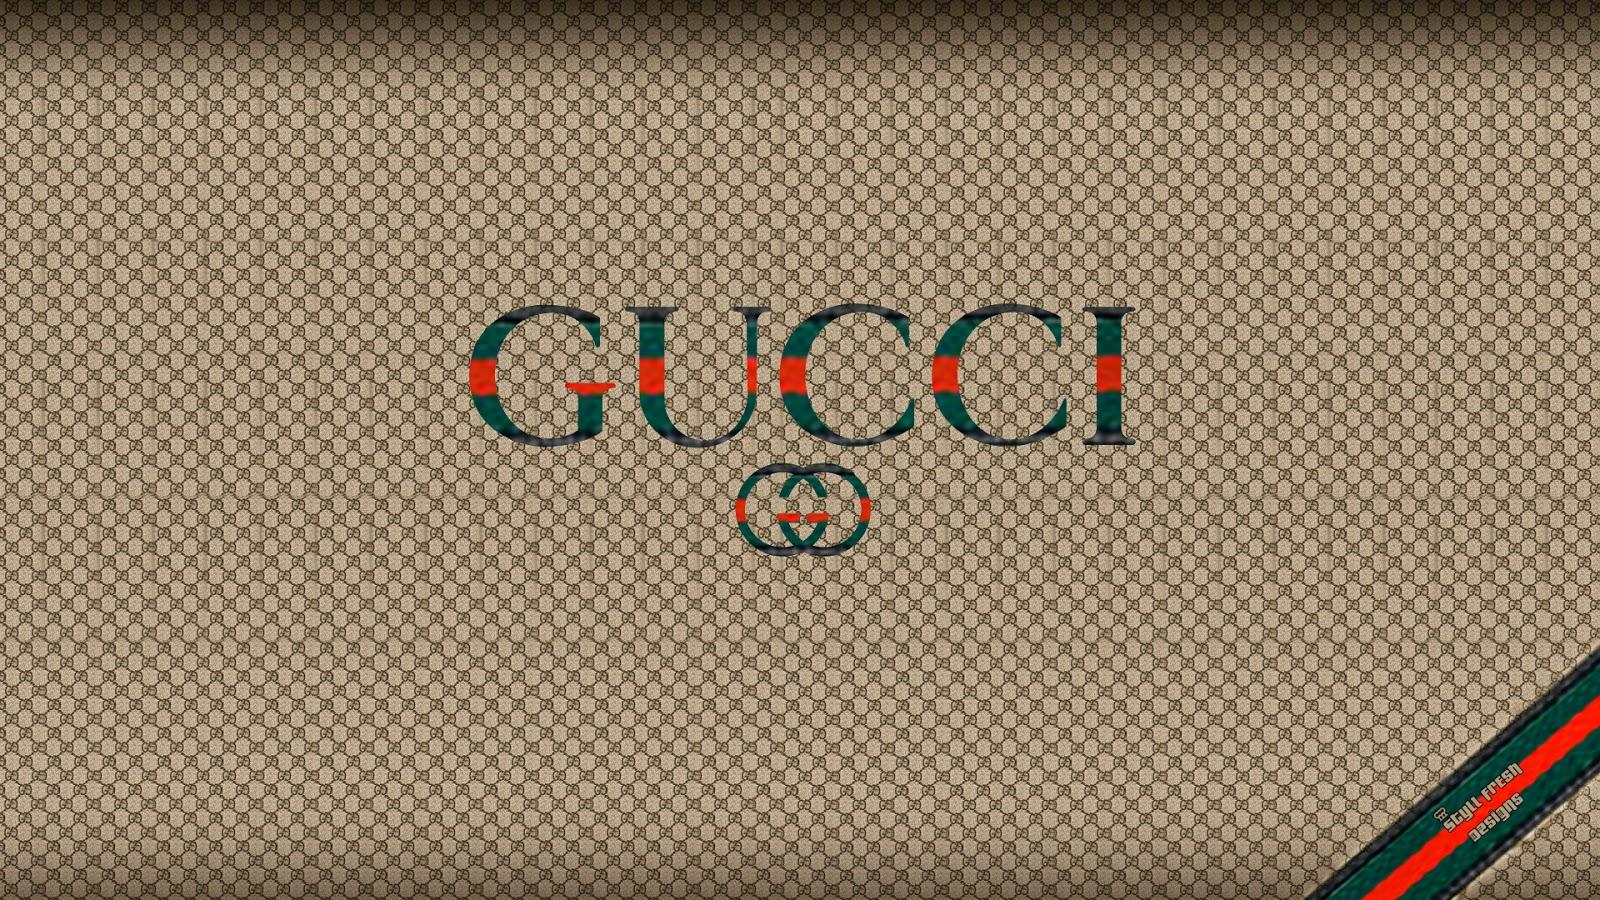 Contenidos multimediales septiembre 2014 - Images of gucci logo ...